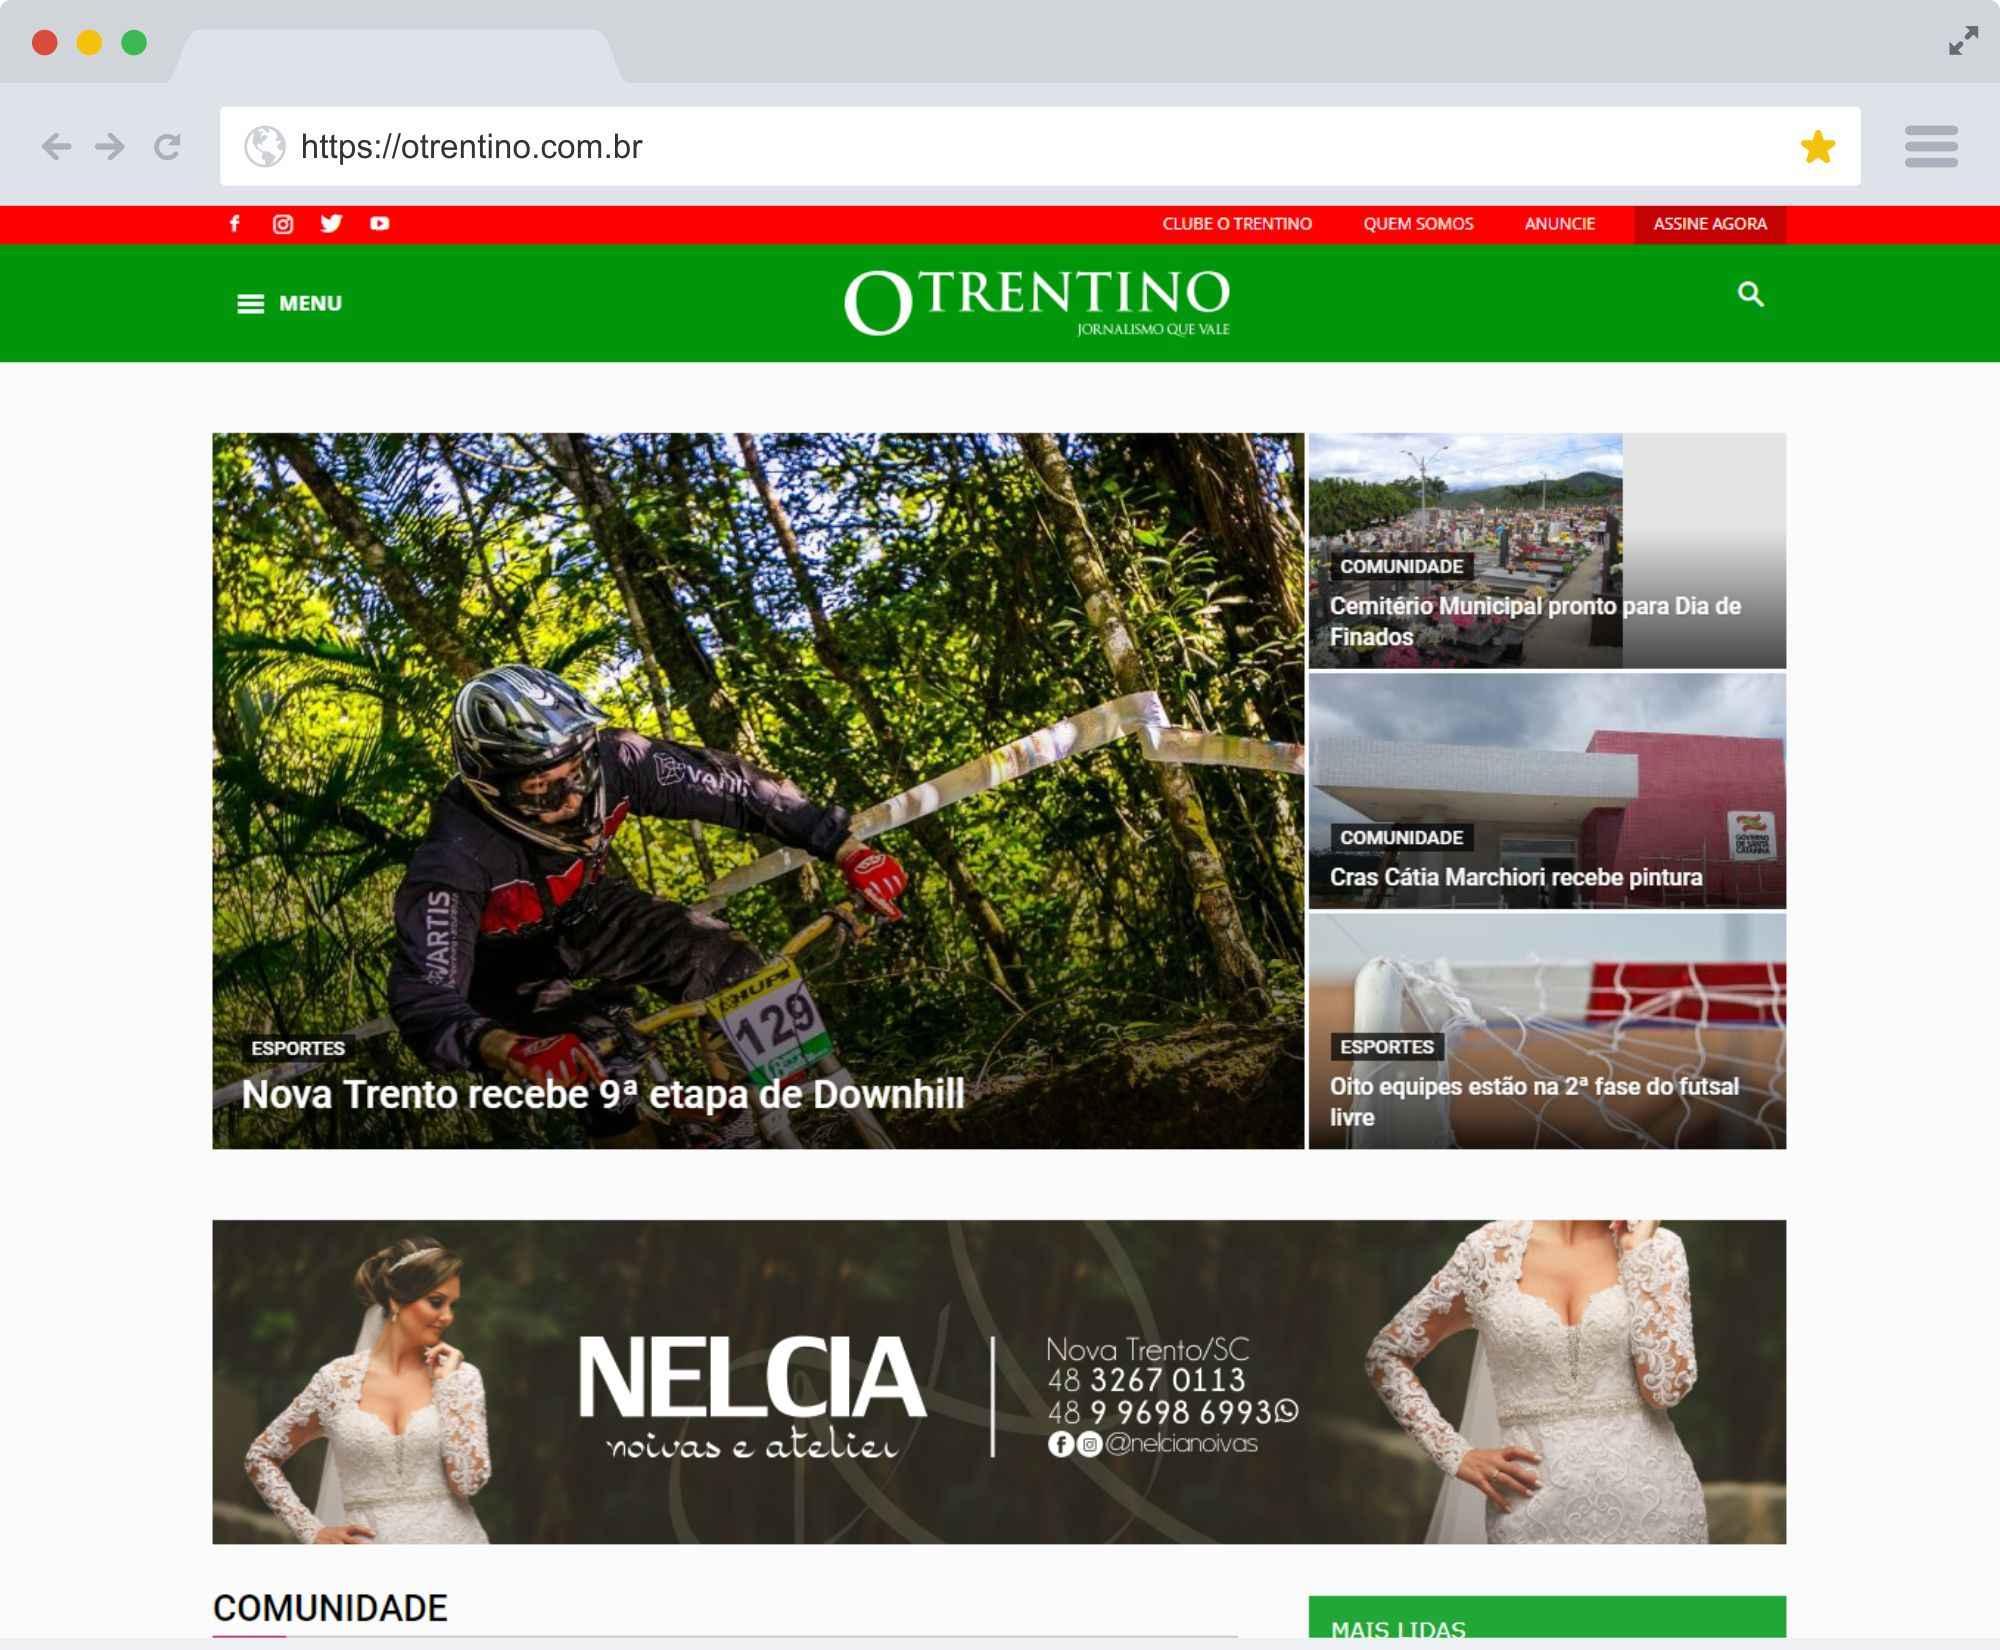 otrentino.com.br